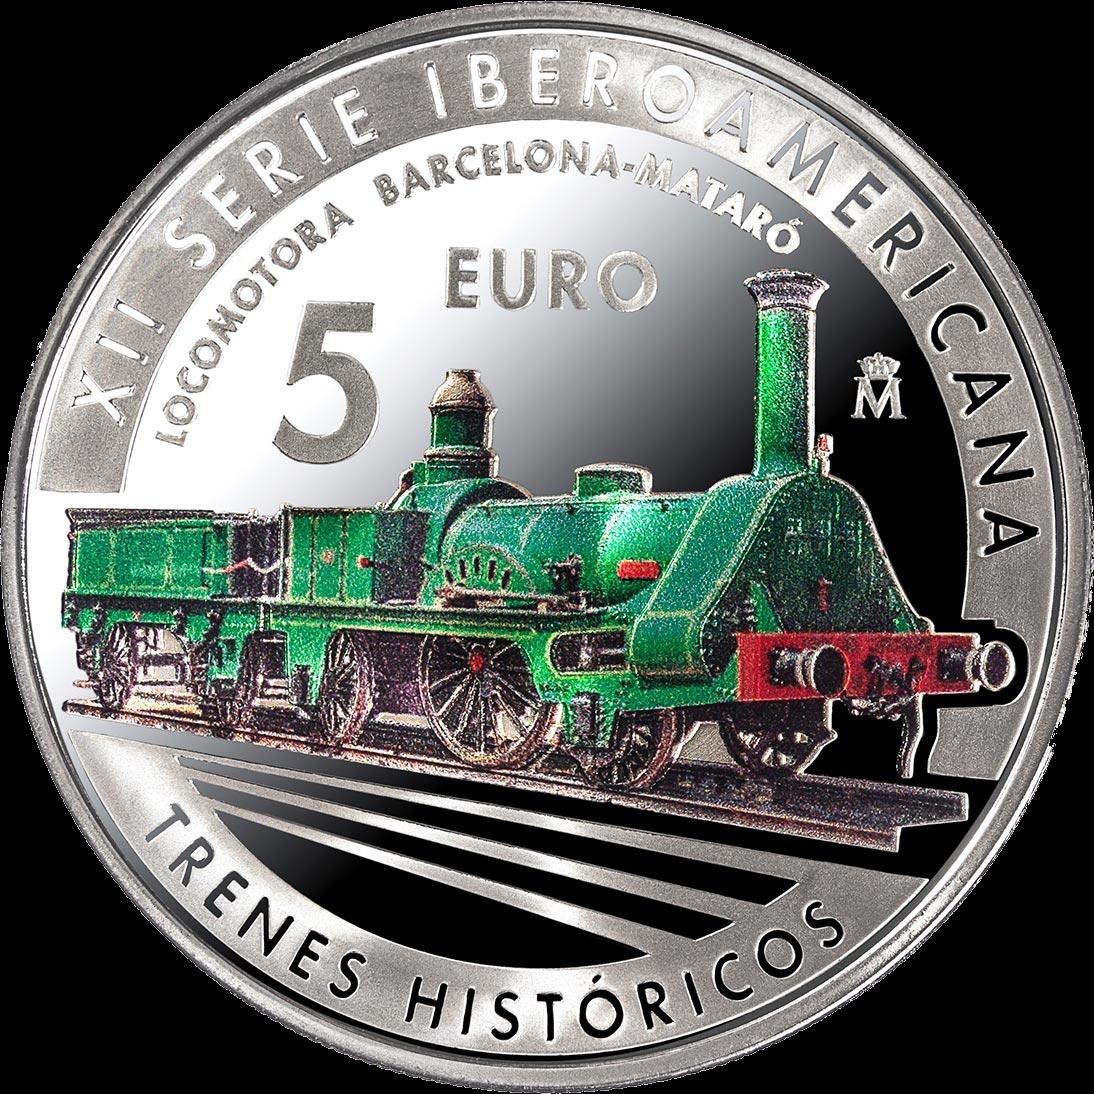 Испания монета 5 евро 12-я иберо-американская серия, реверс